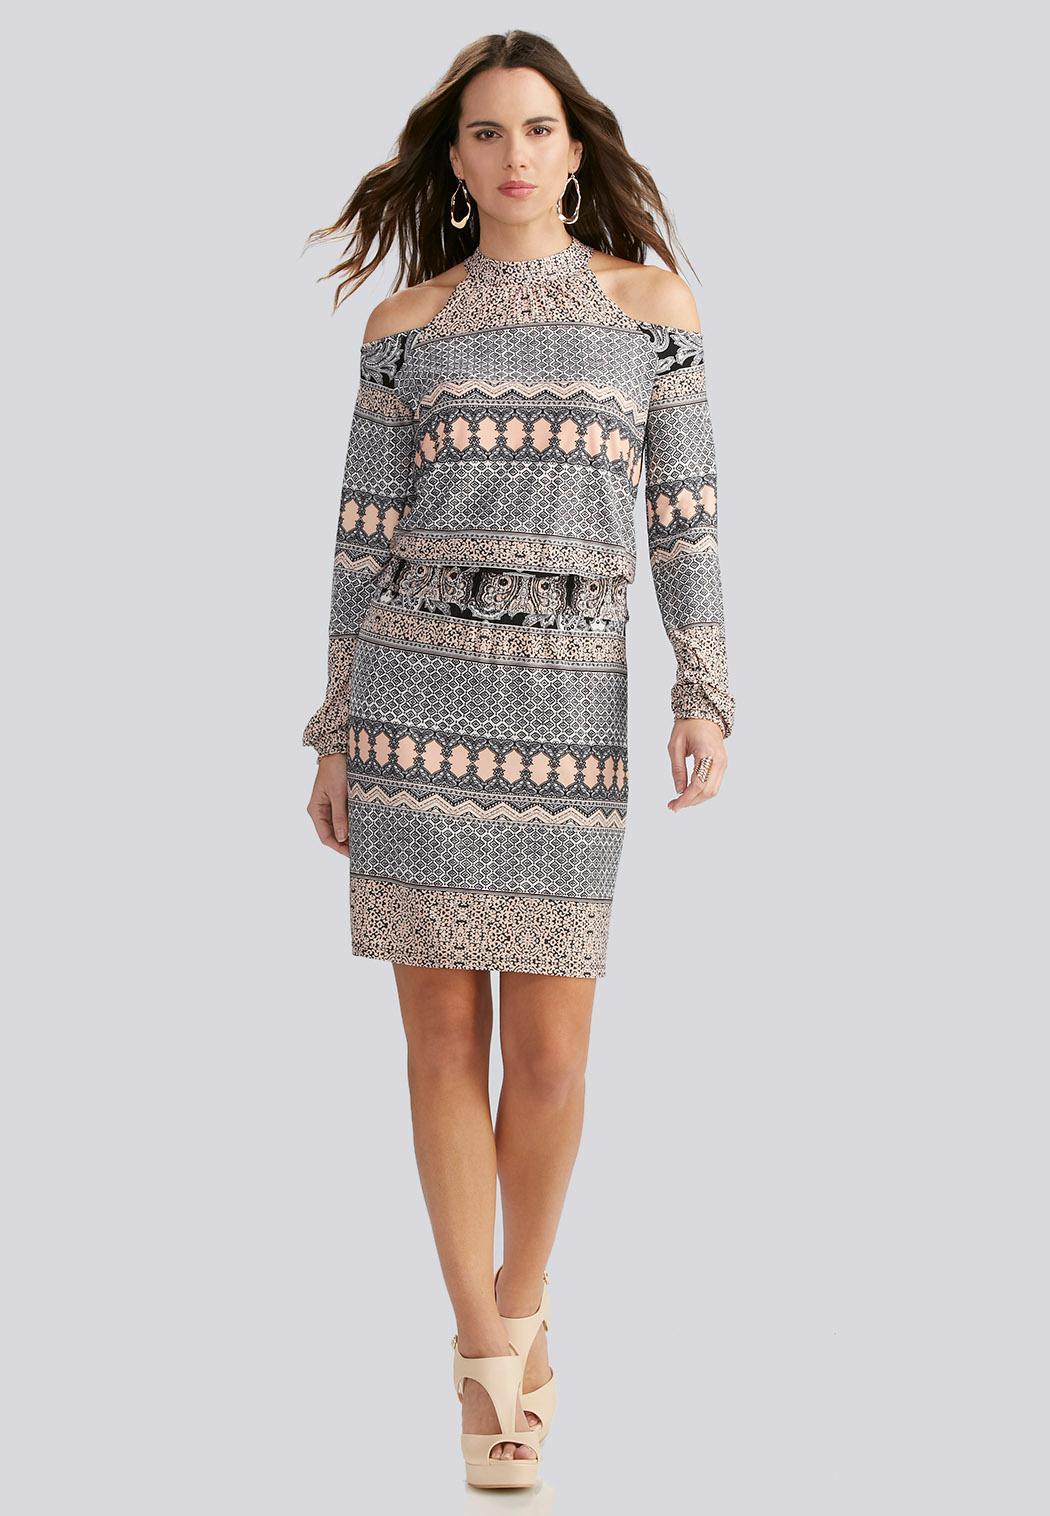 Mixed Stripe Cold Shoulder Blouson Dress-Plus Plus Sizes | Cato ...